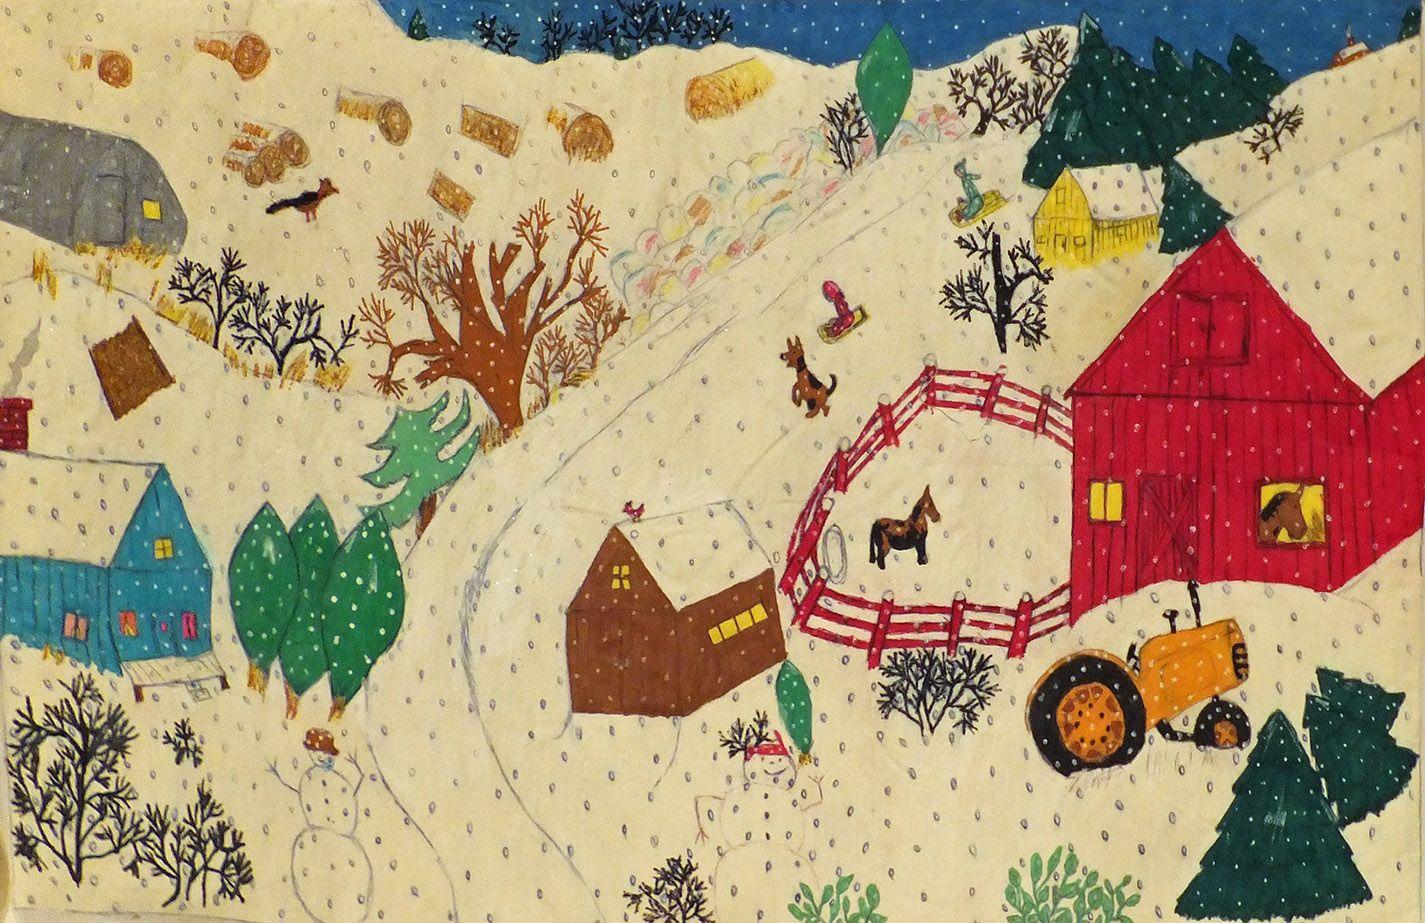 Outsider Art Outsider Folk Art Gallery Outsider Art Mildred Tice Tim006 Art Naive Art Outsider Art